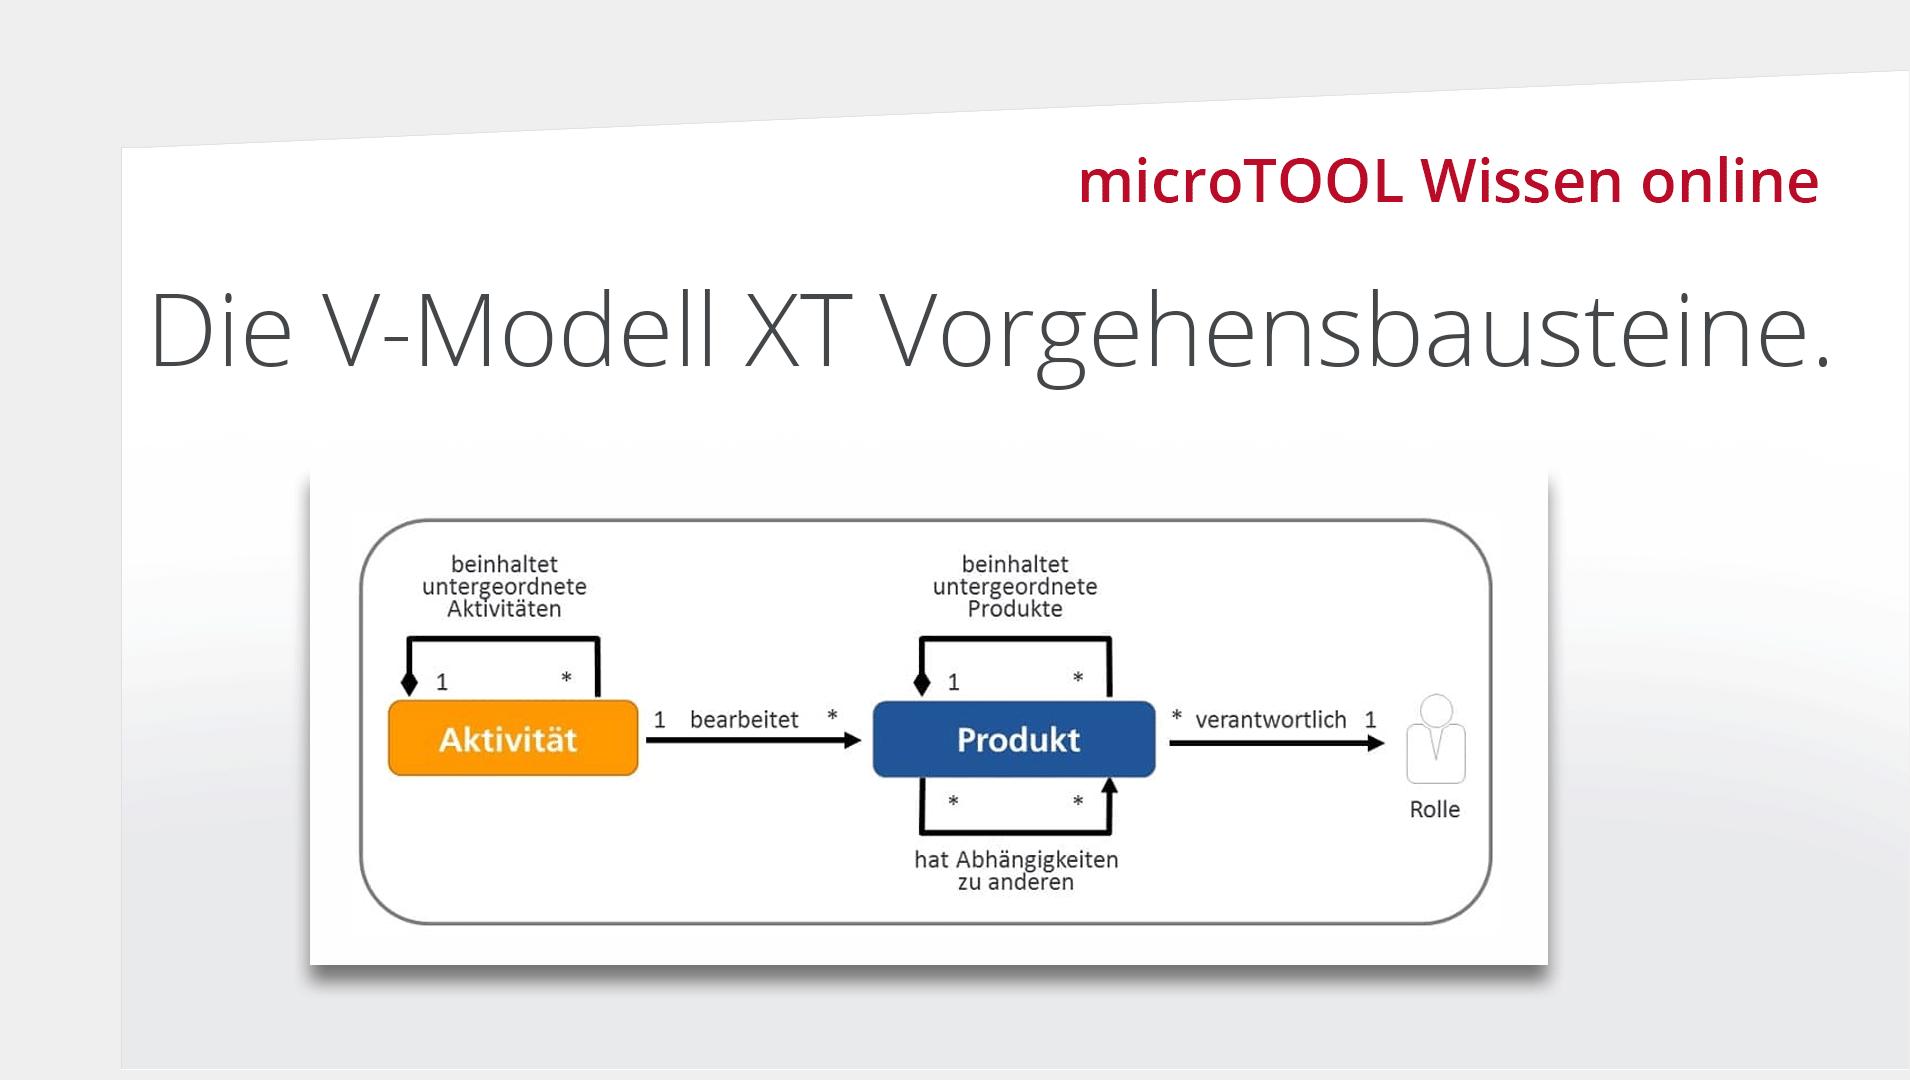 Wissen online: Was sind die Vorgehensbausteine im V-Modell XT?